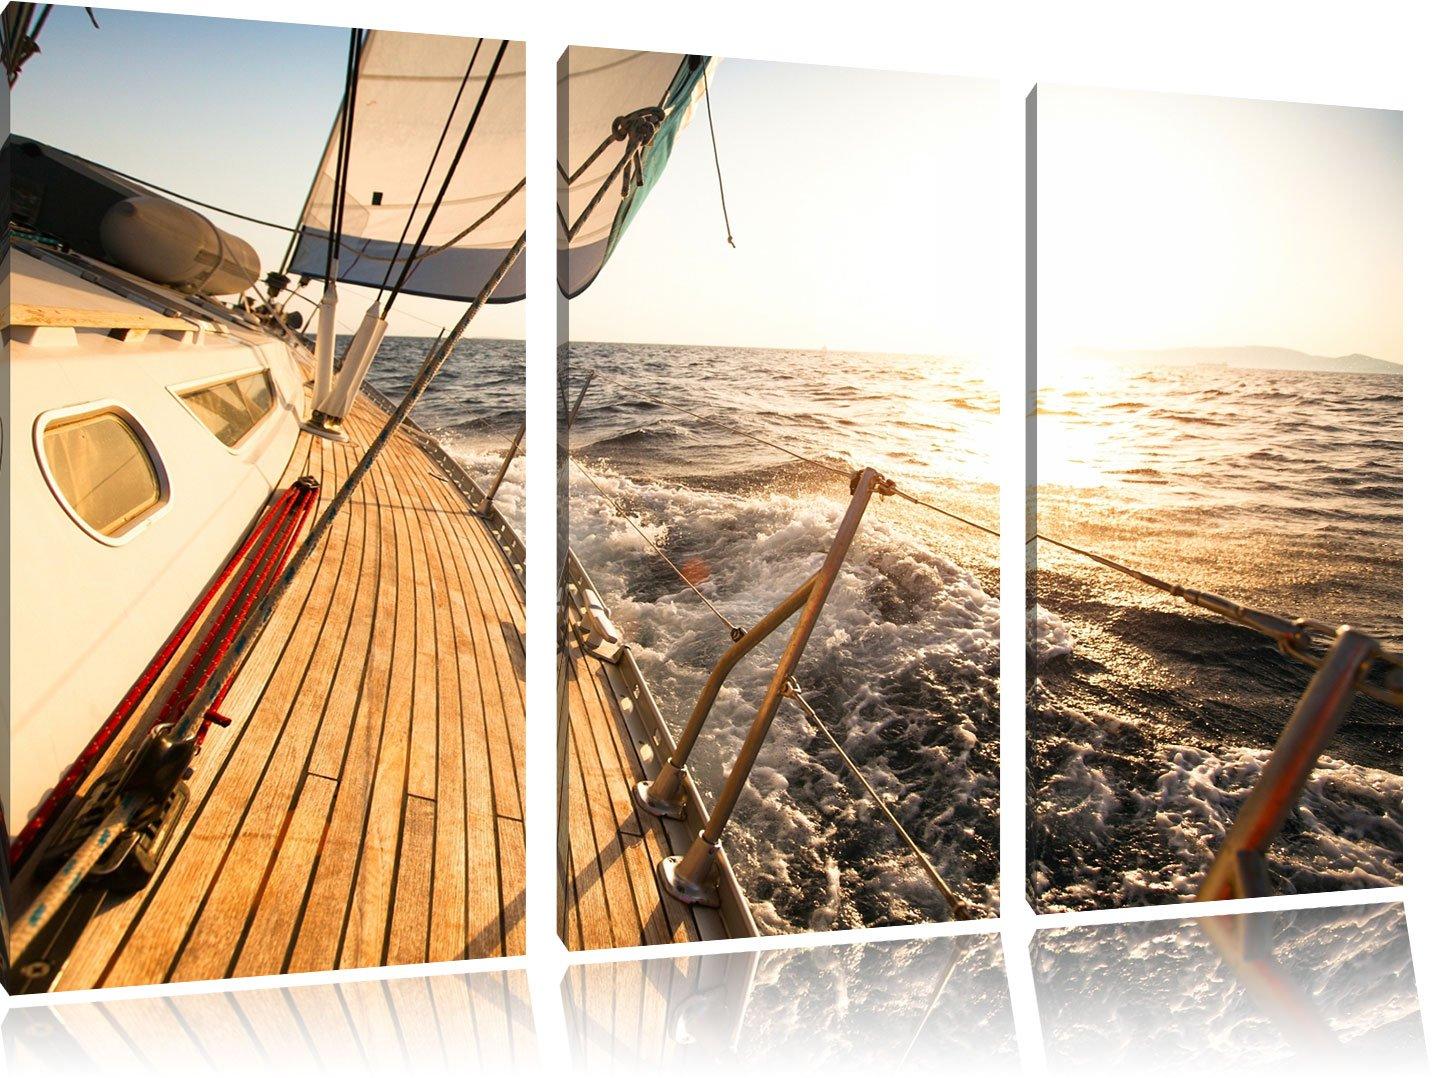 Segelboot im Meer 3-Teiler Leinwandbild 120x80 Bild Bild Bild auf Leinwand, XXL riesige Bilder fertig gerahmt mit Keilrahmen, Kunstdruck auf Wandbild mit Rahmen, gänstiger als Gemälde oder Ölbild, kein Poster oder Plakat e740c6